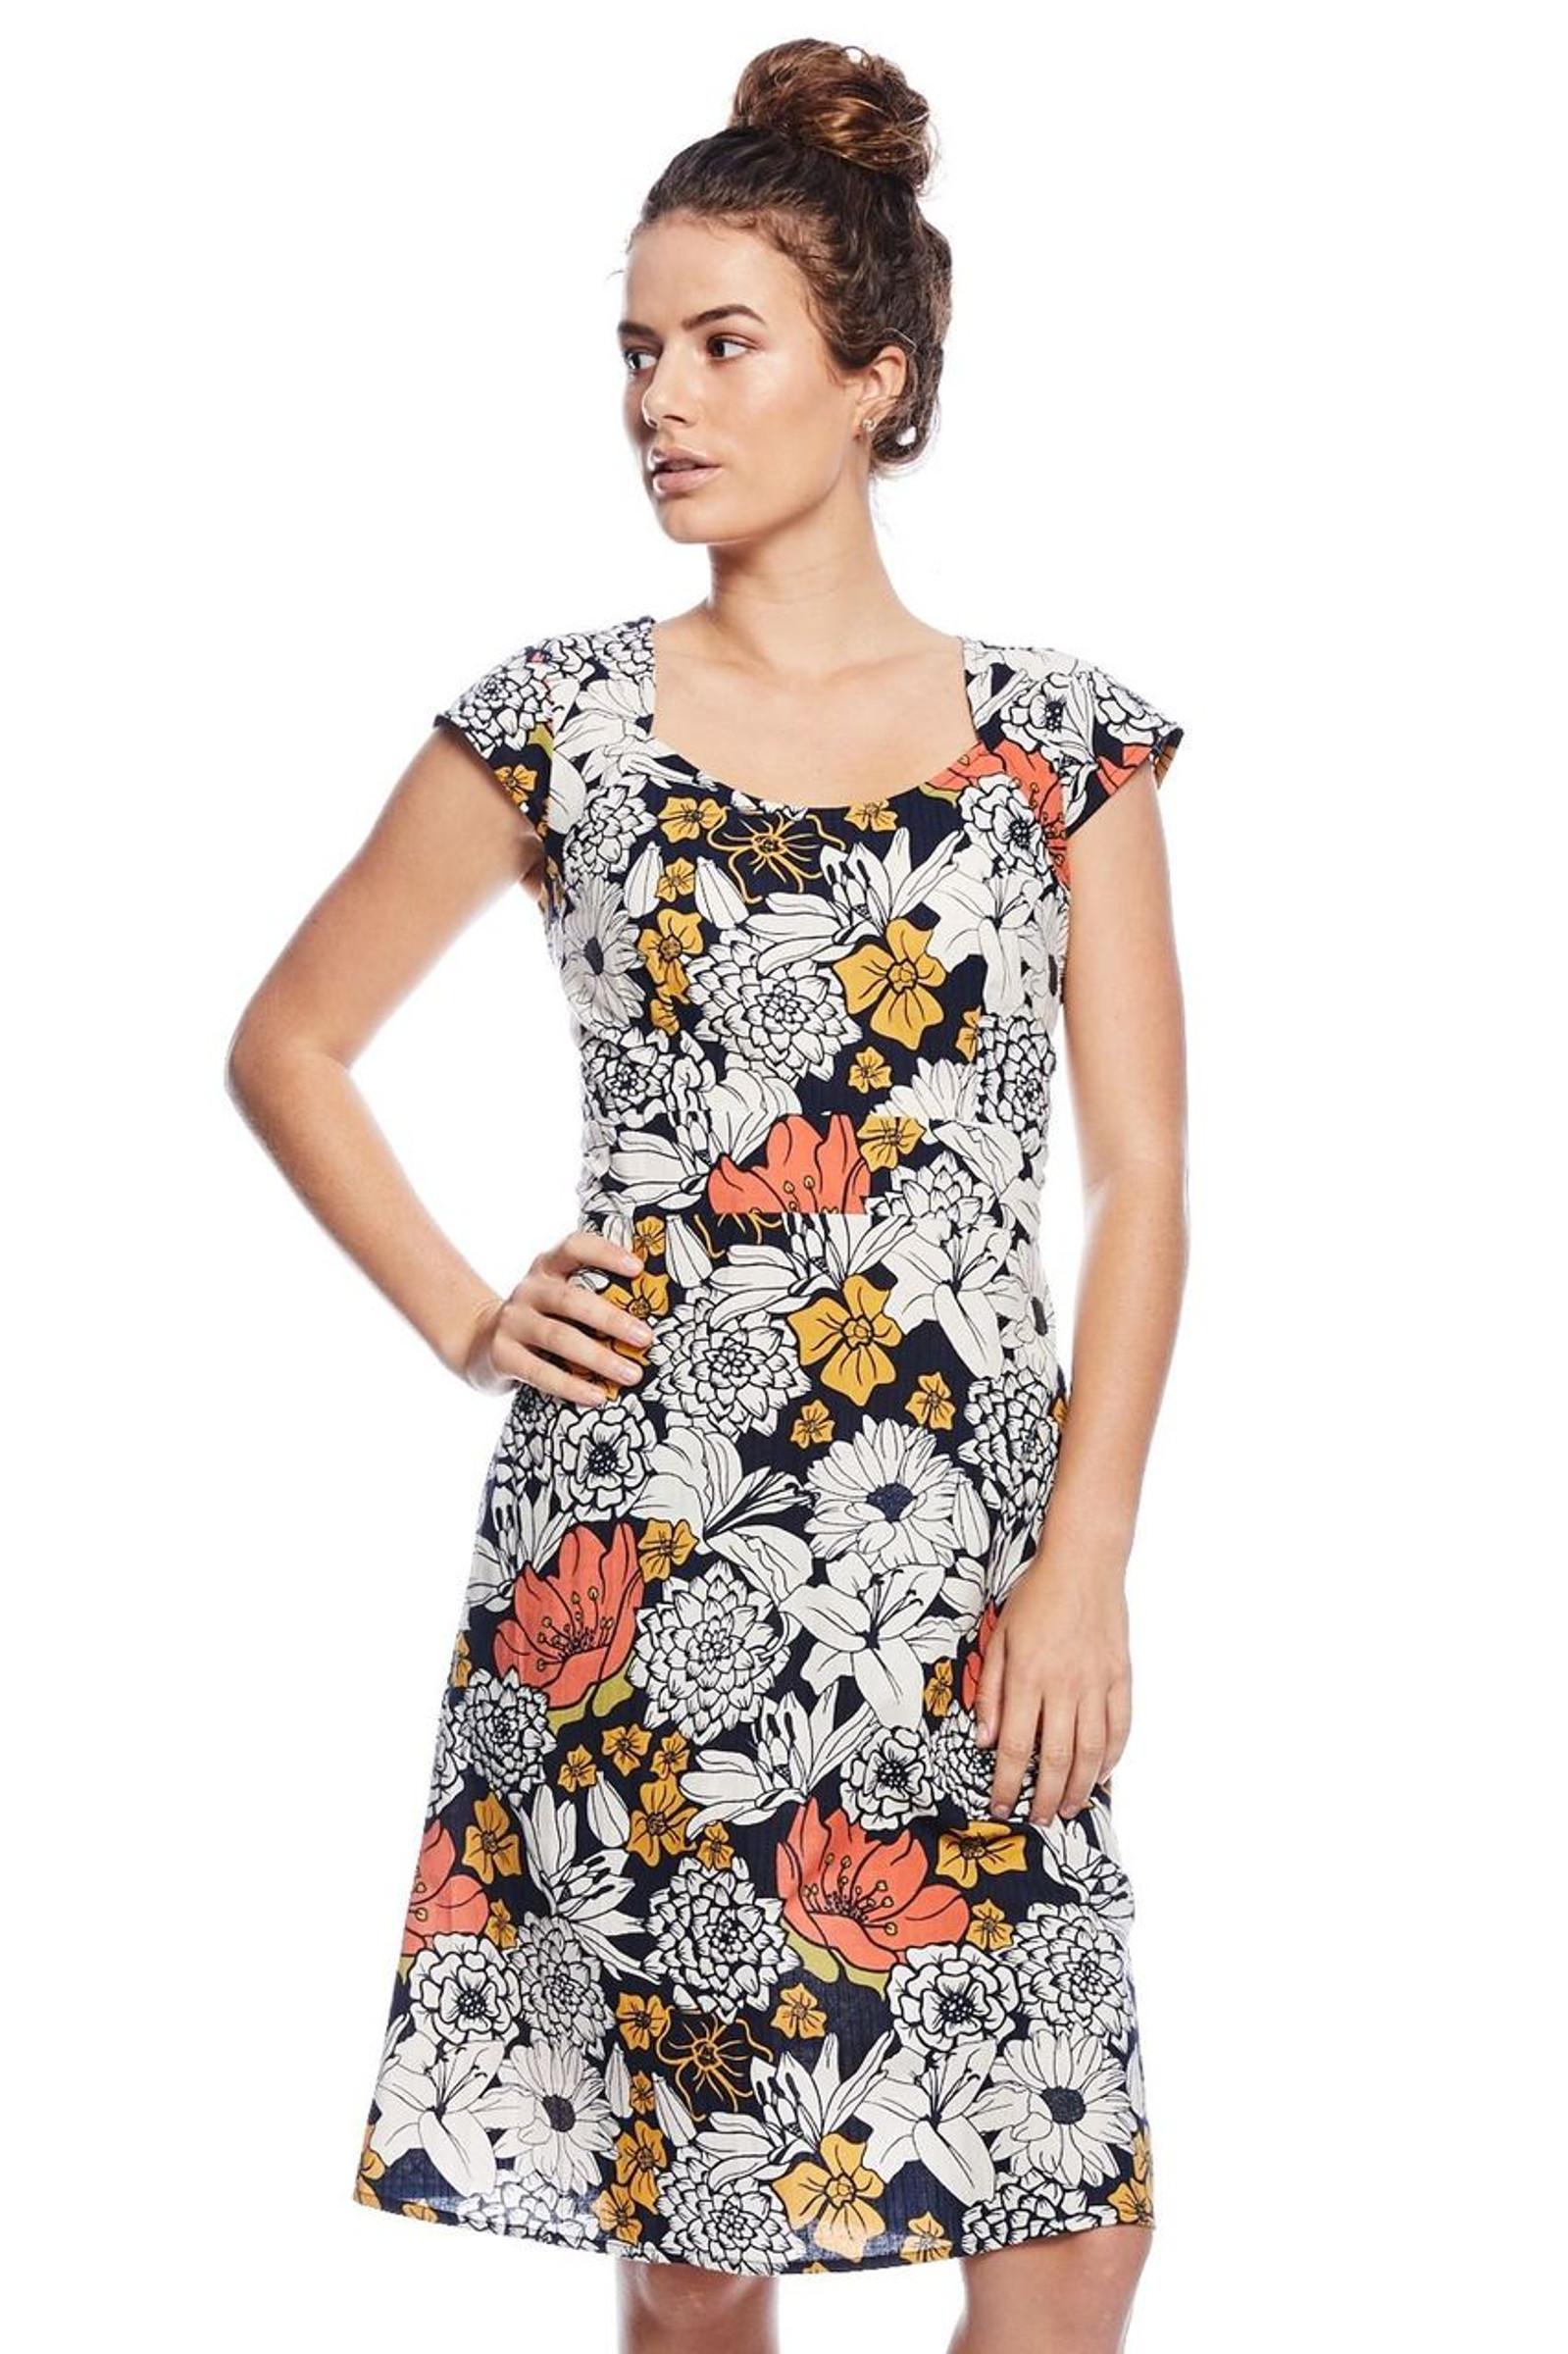 Elsy Dress - Daisy